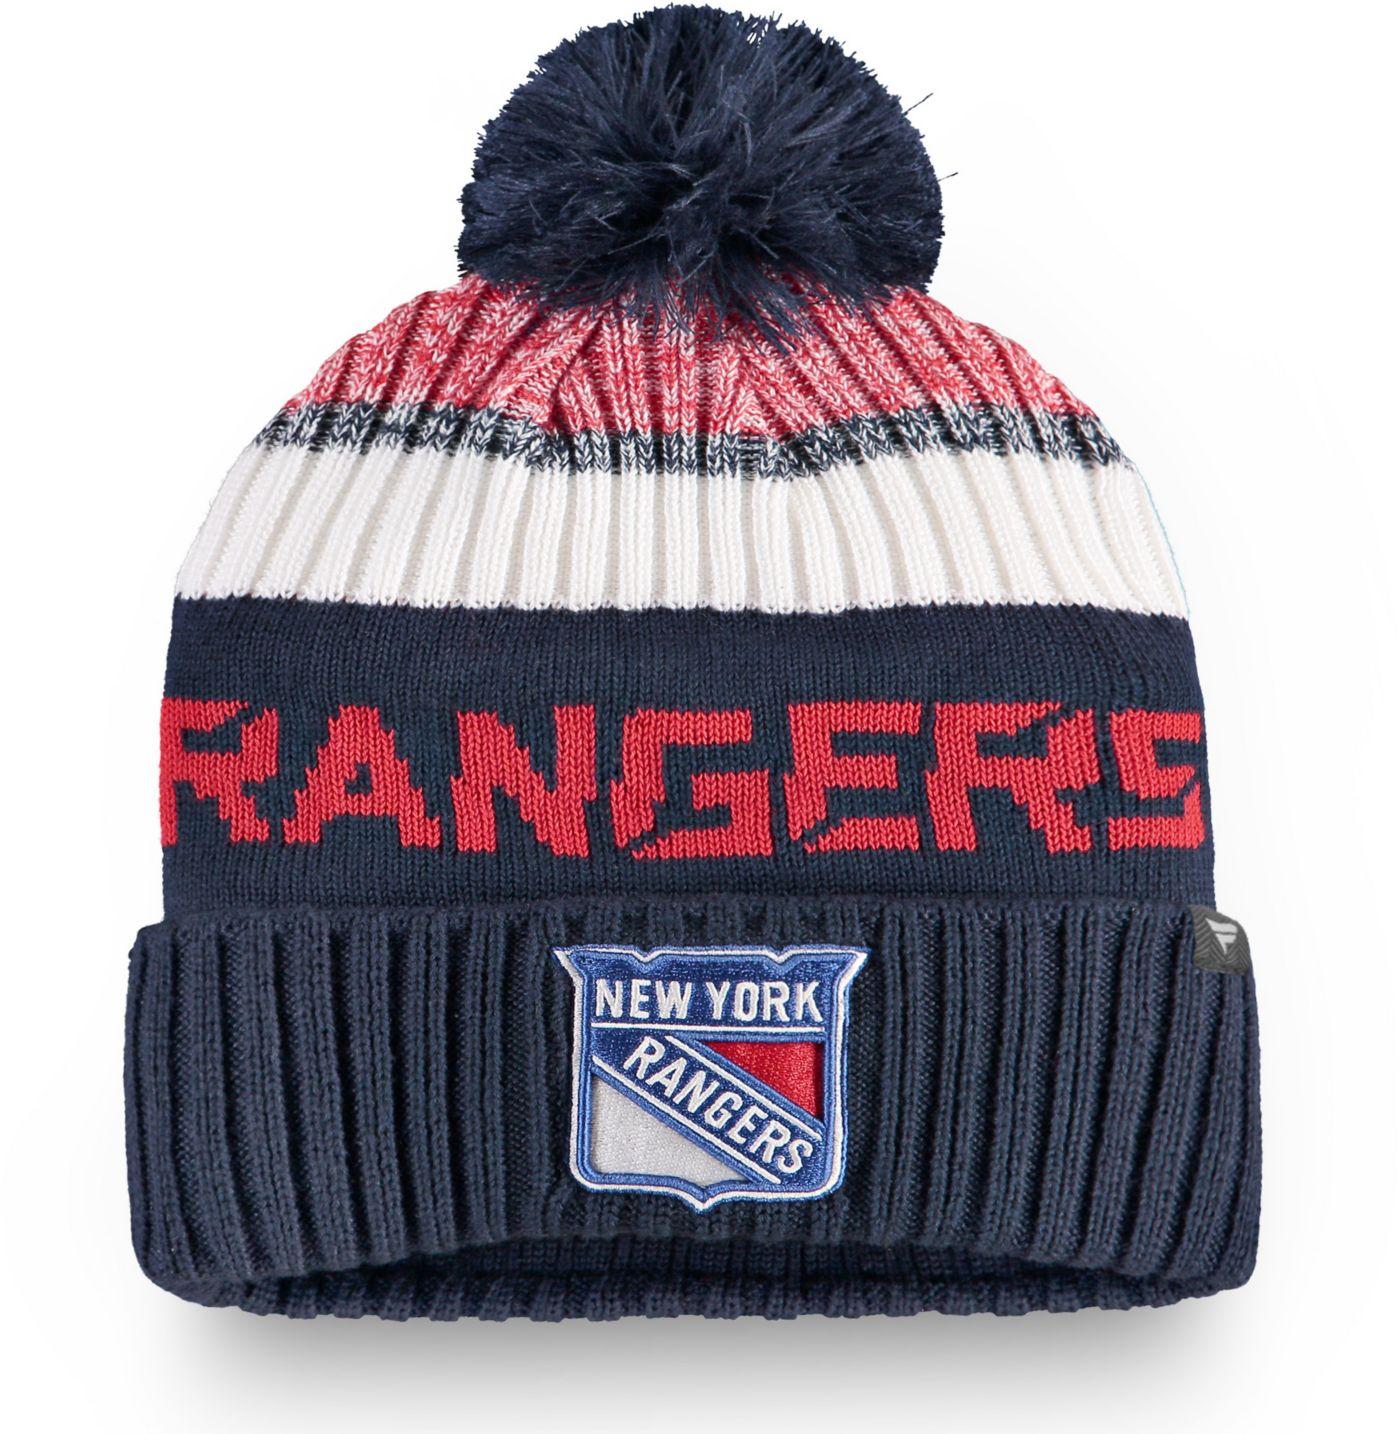 NHL Men's New York Rangers Rinkside Pom Knit Beanie